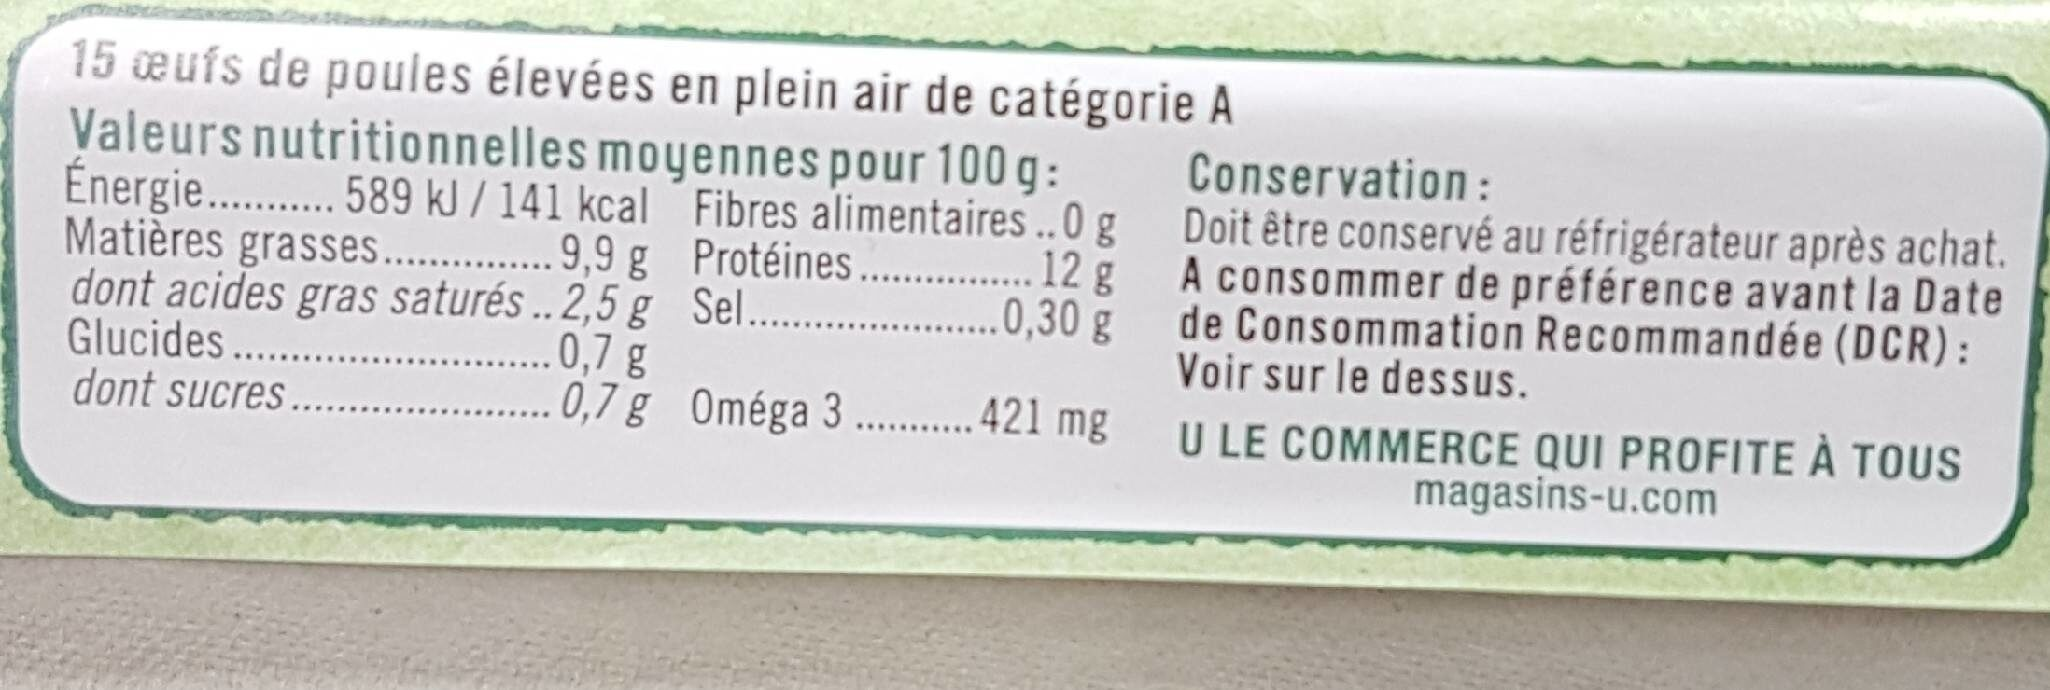 Oeufs poules plein air tous calibres - Voedingswaarden - fr